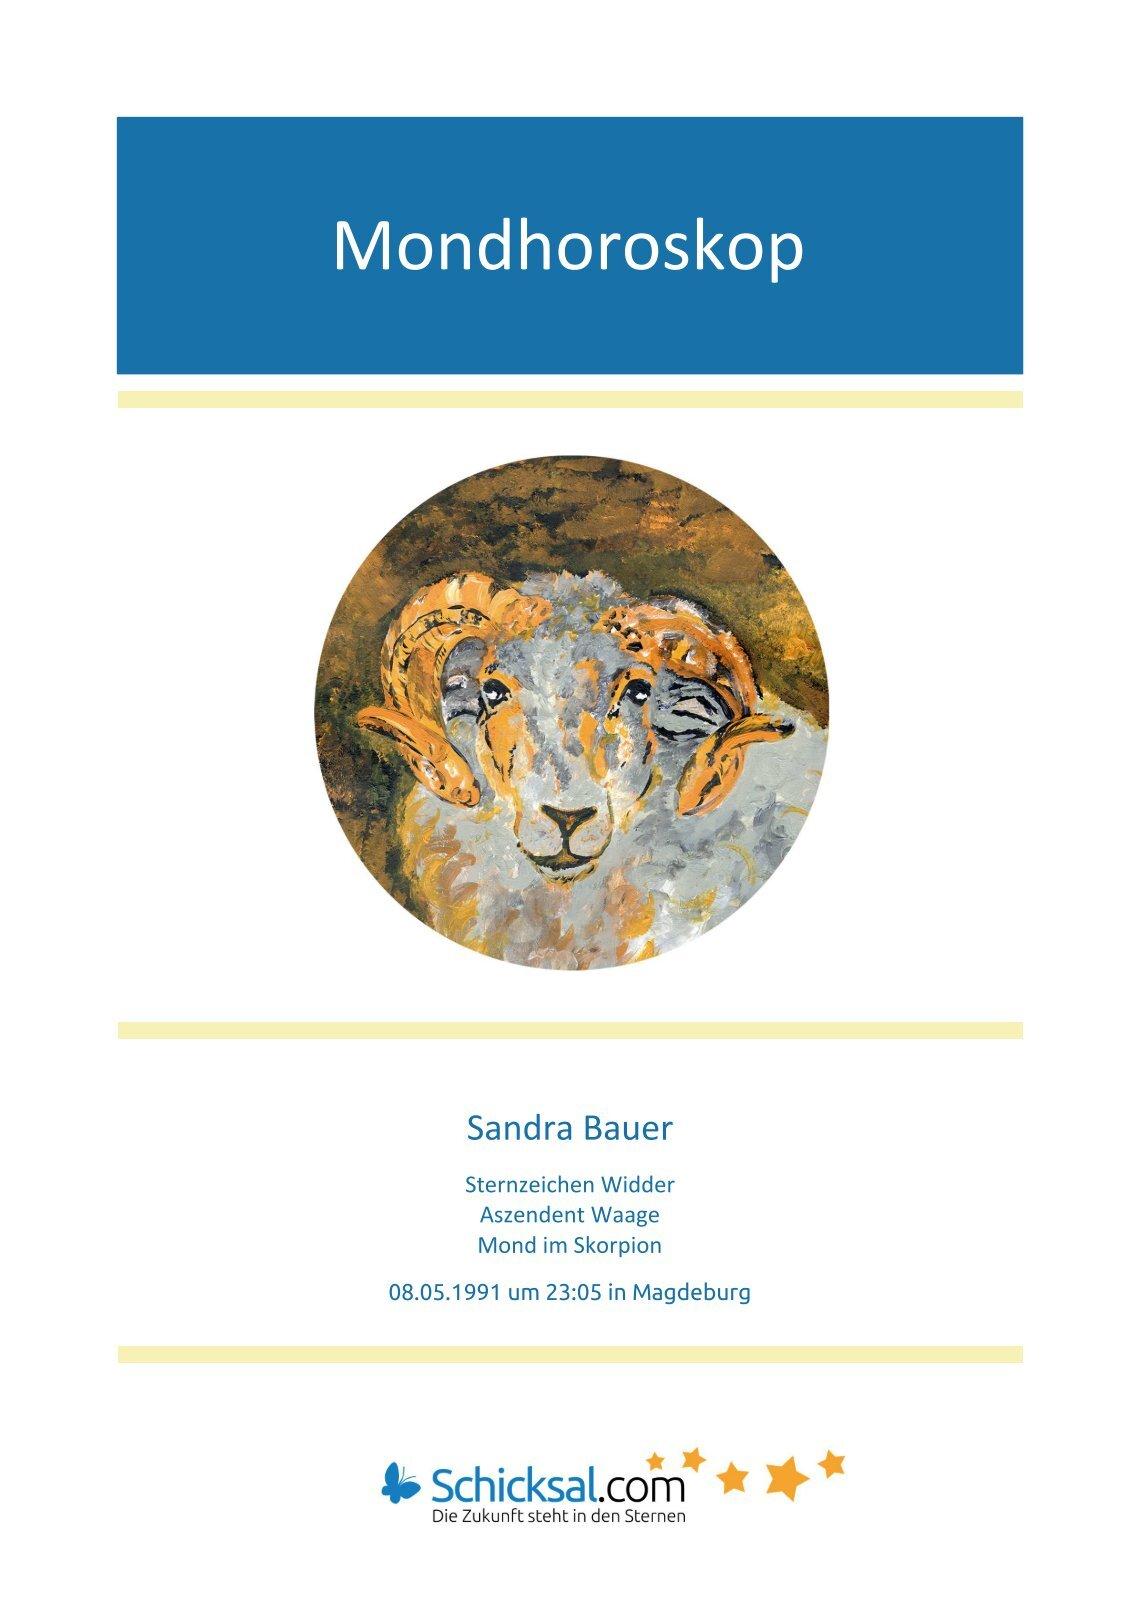 Mondhoroskop Sandra